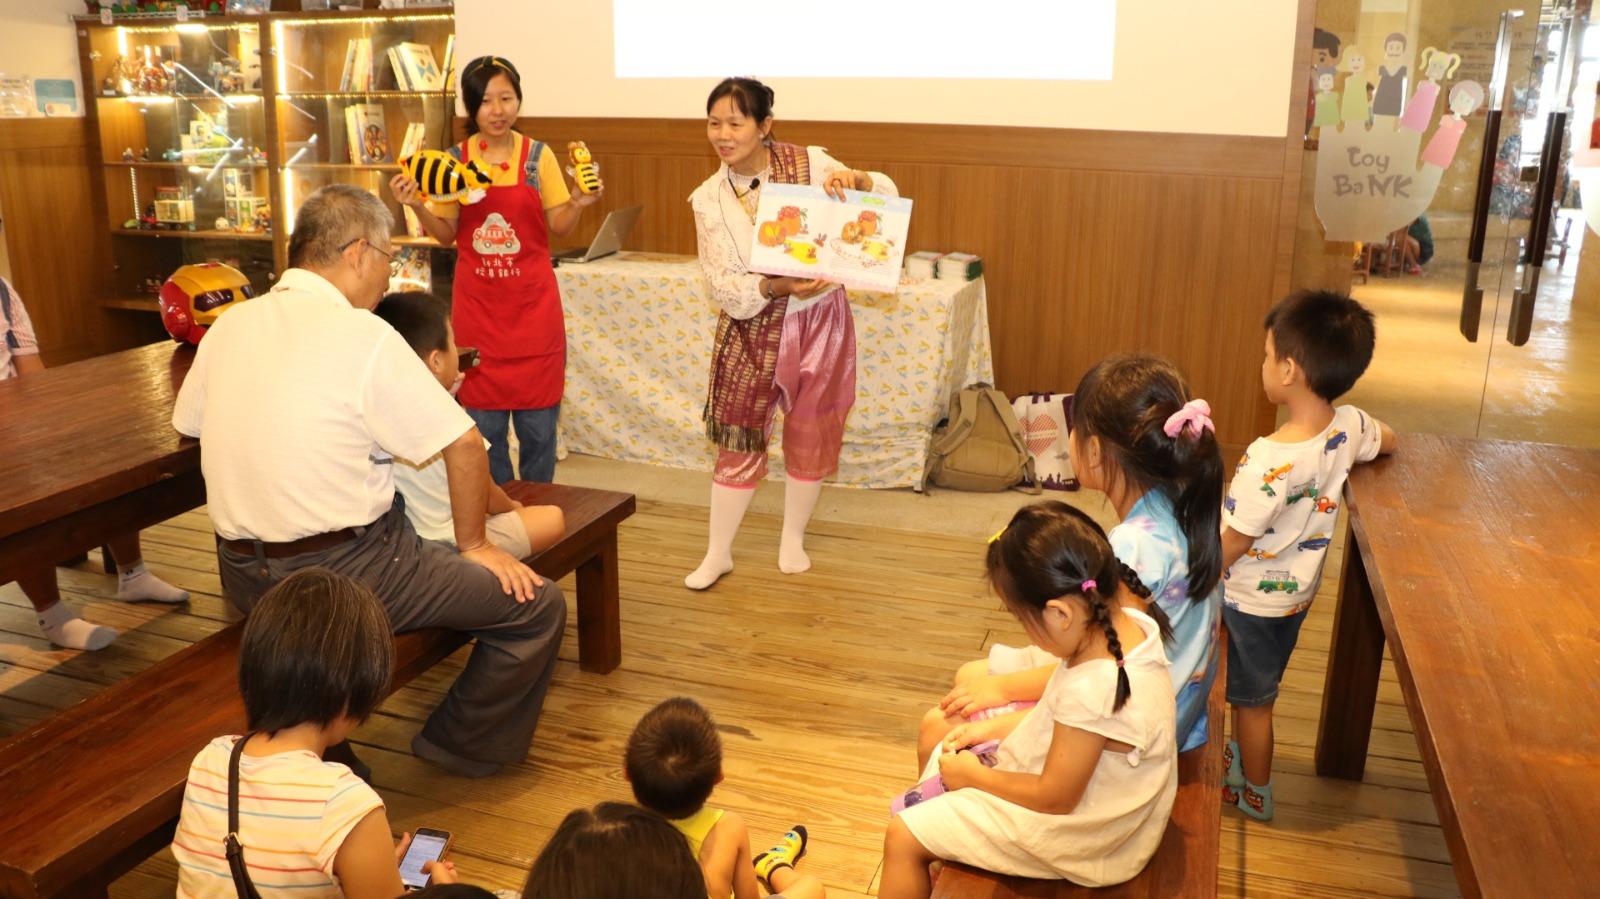 新住民姐妹融入台灣社會 ,創造自已的價值